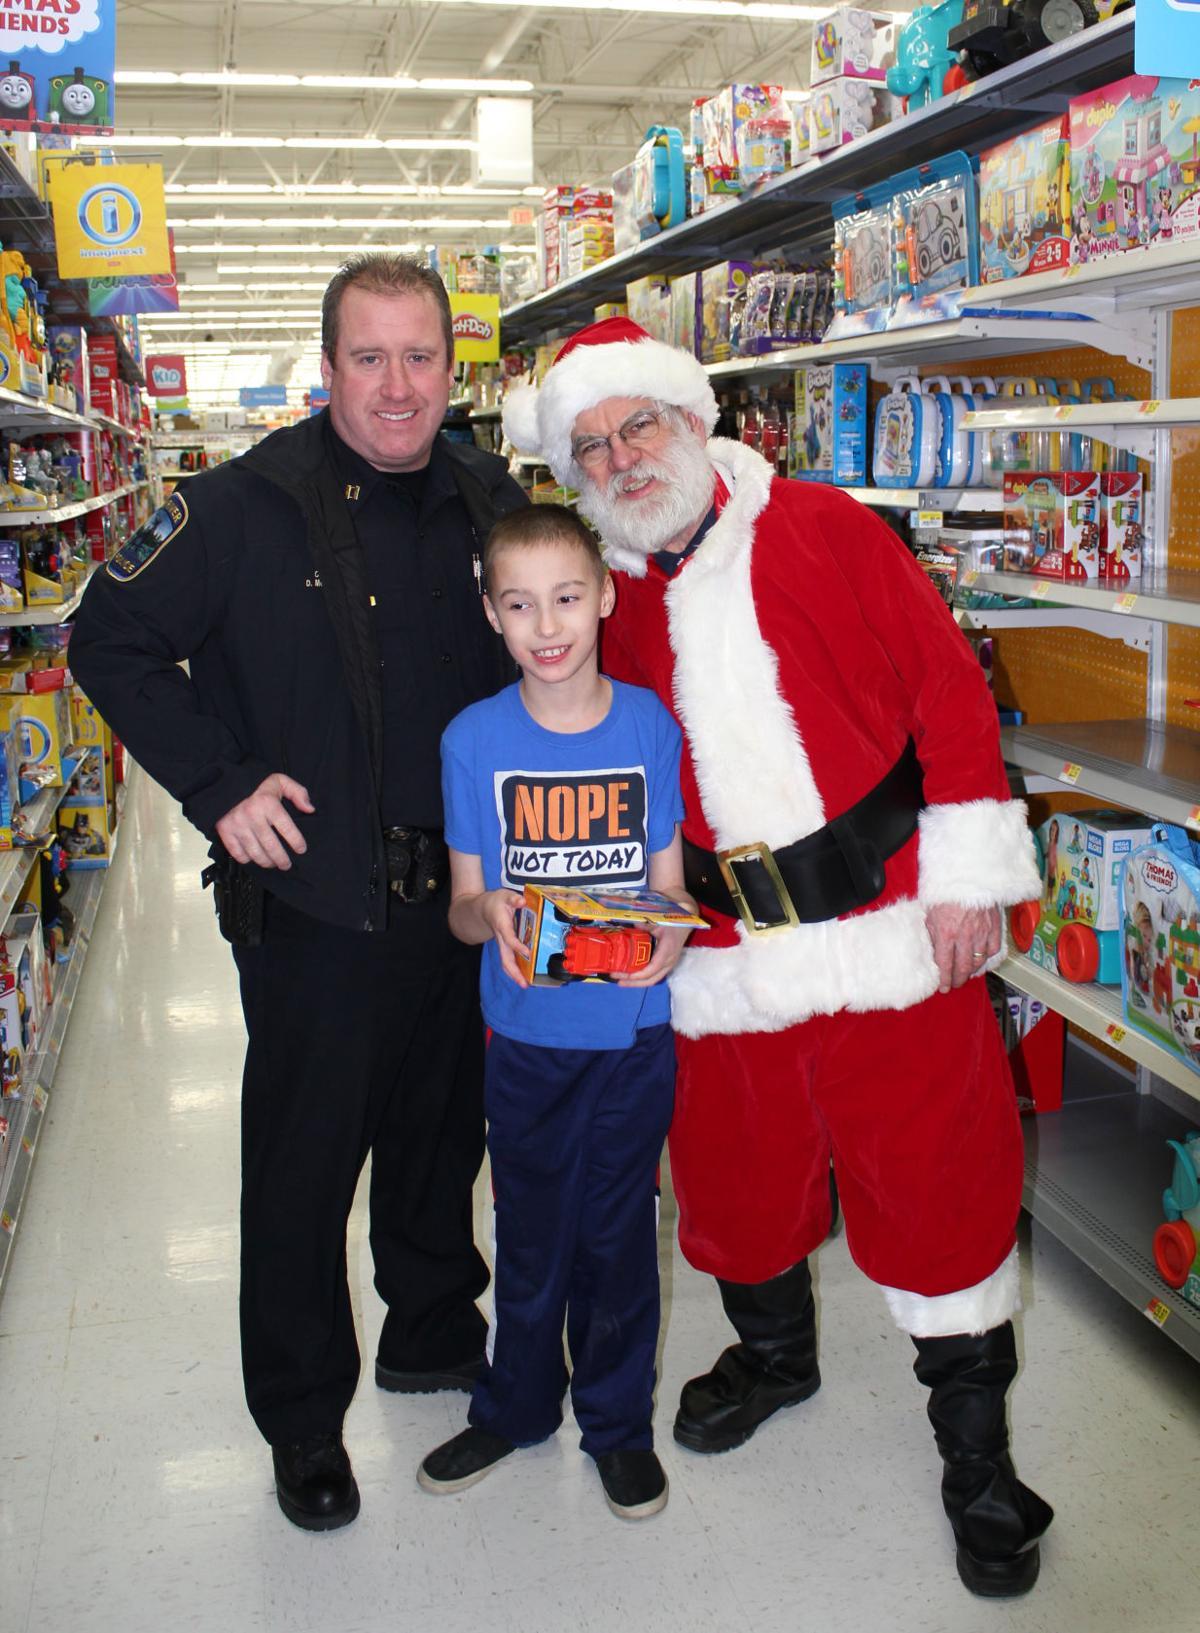 Children shop with a cop